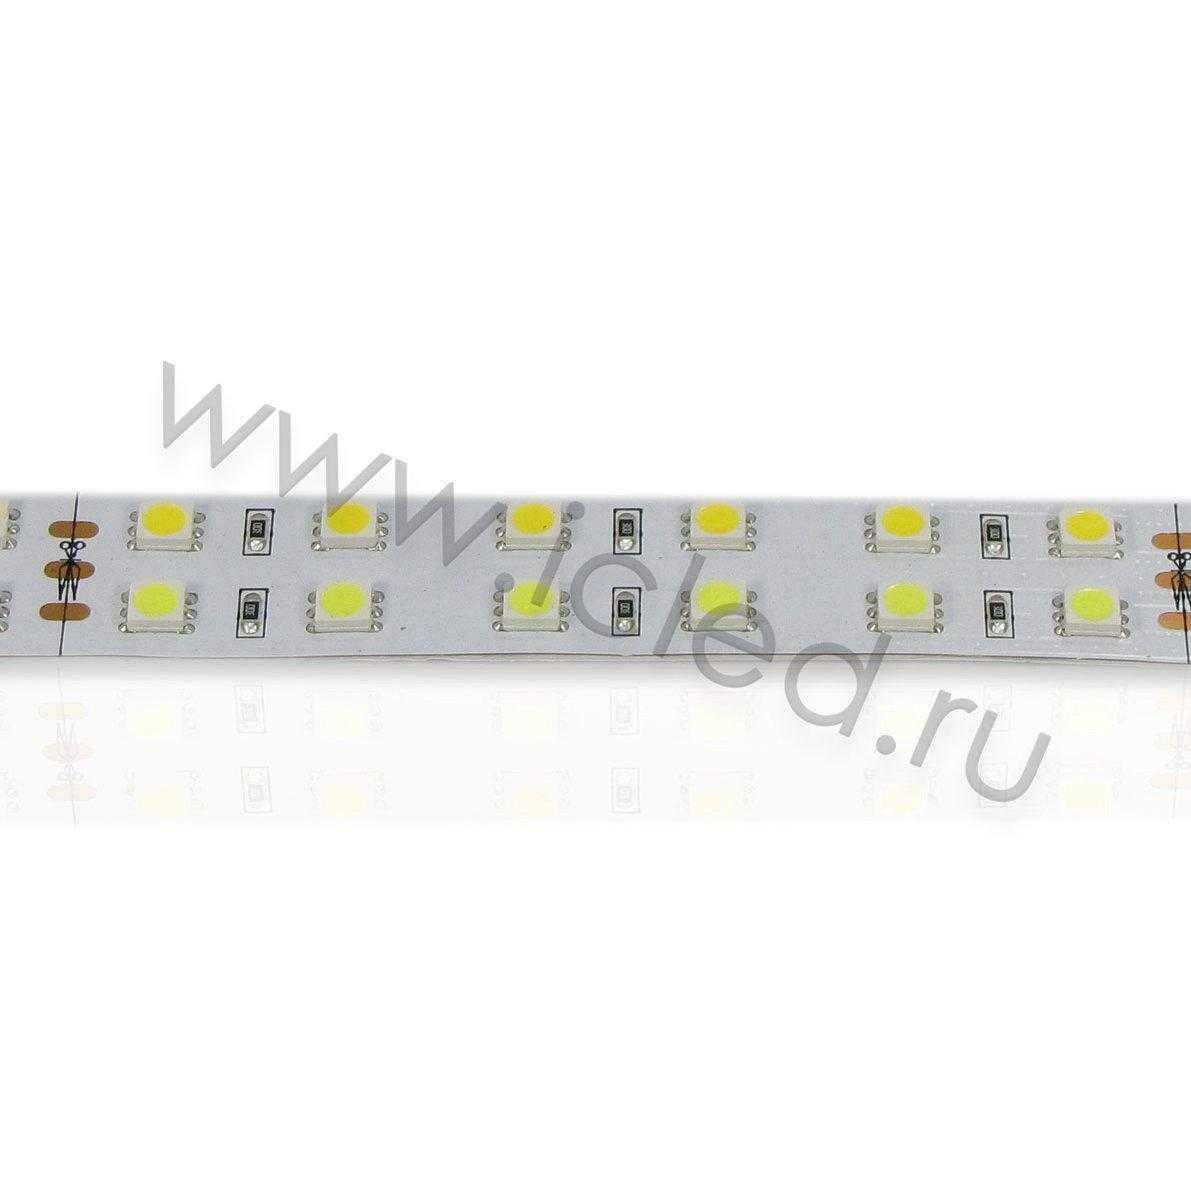 Светодиодная лента Class B, 5050, 120 led/m, MIX, 24V, IP33